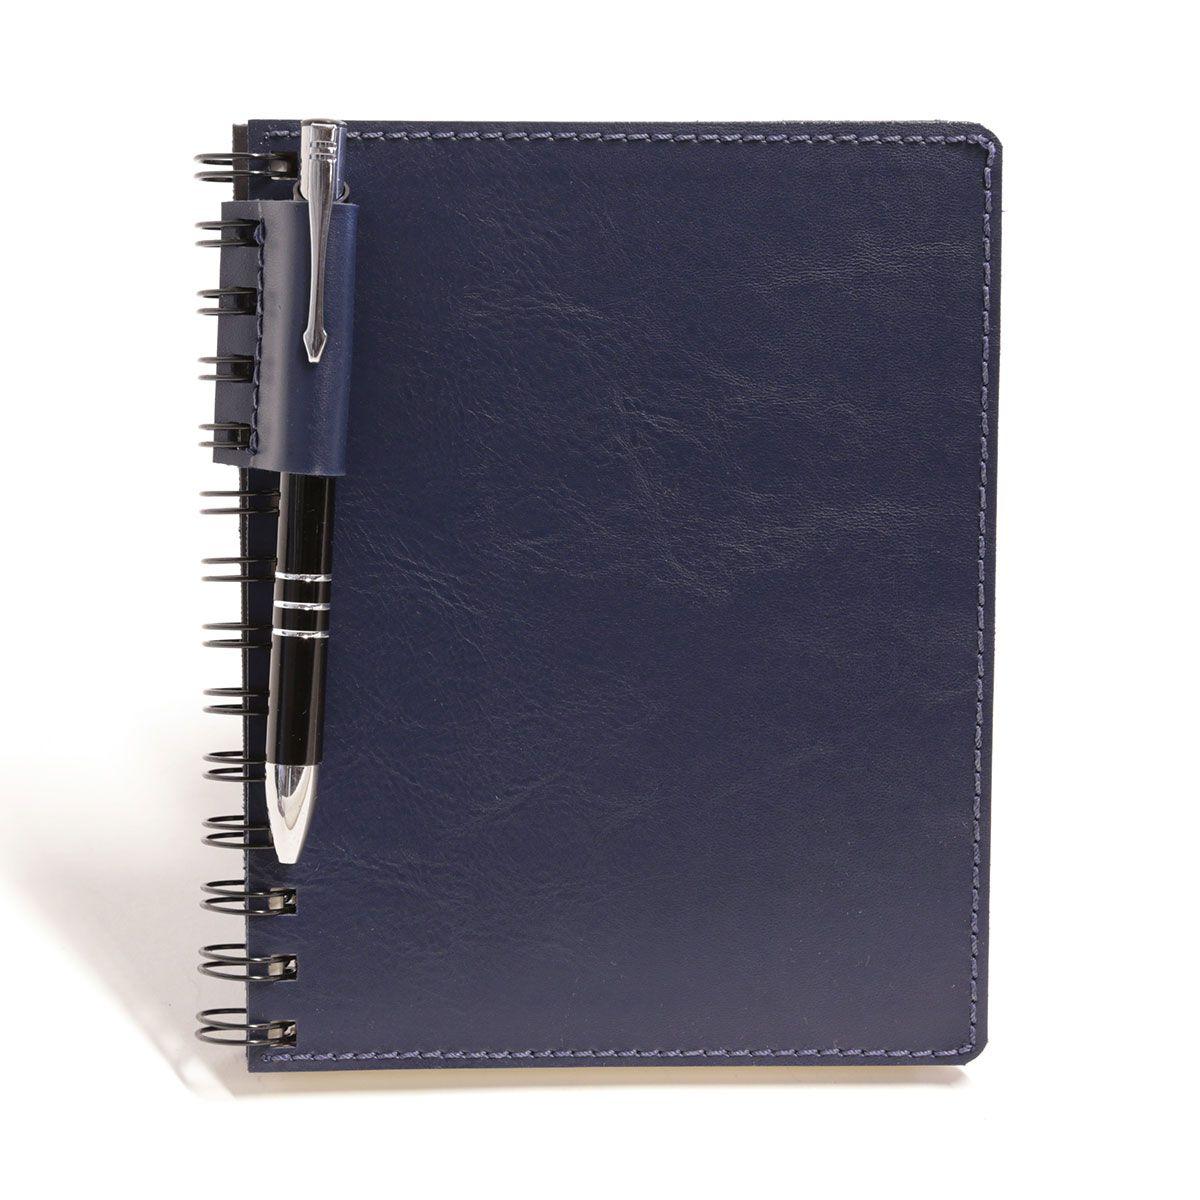 Caderno wire-o com caneta (Montana Azul Marinho)